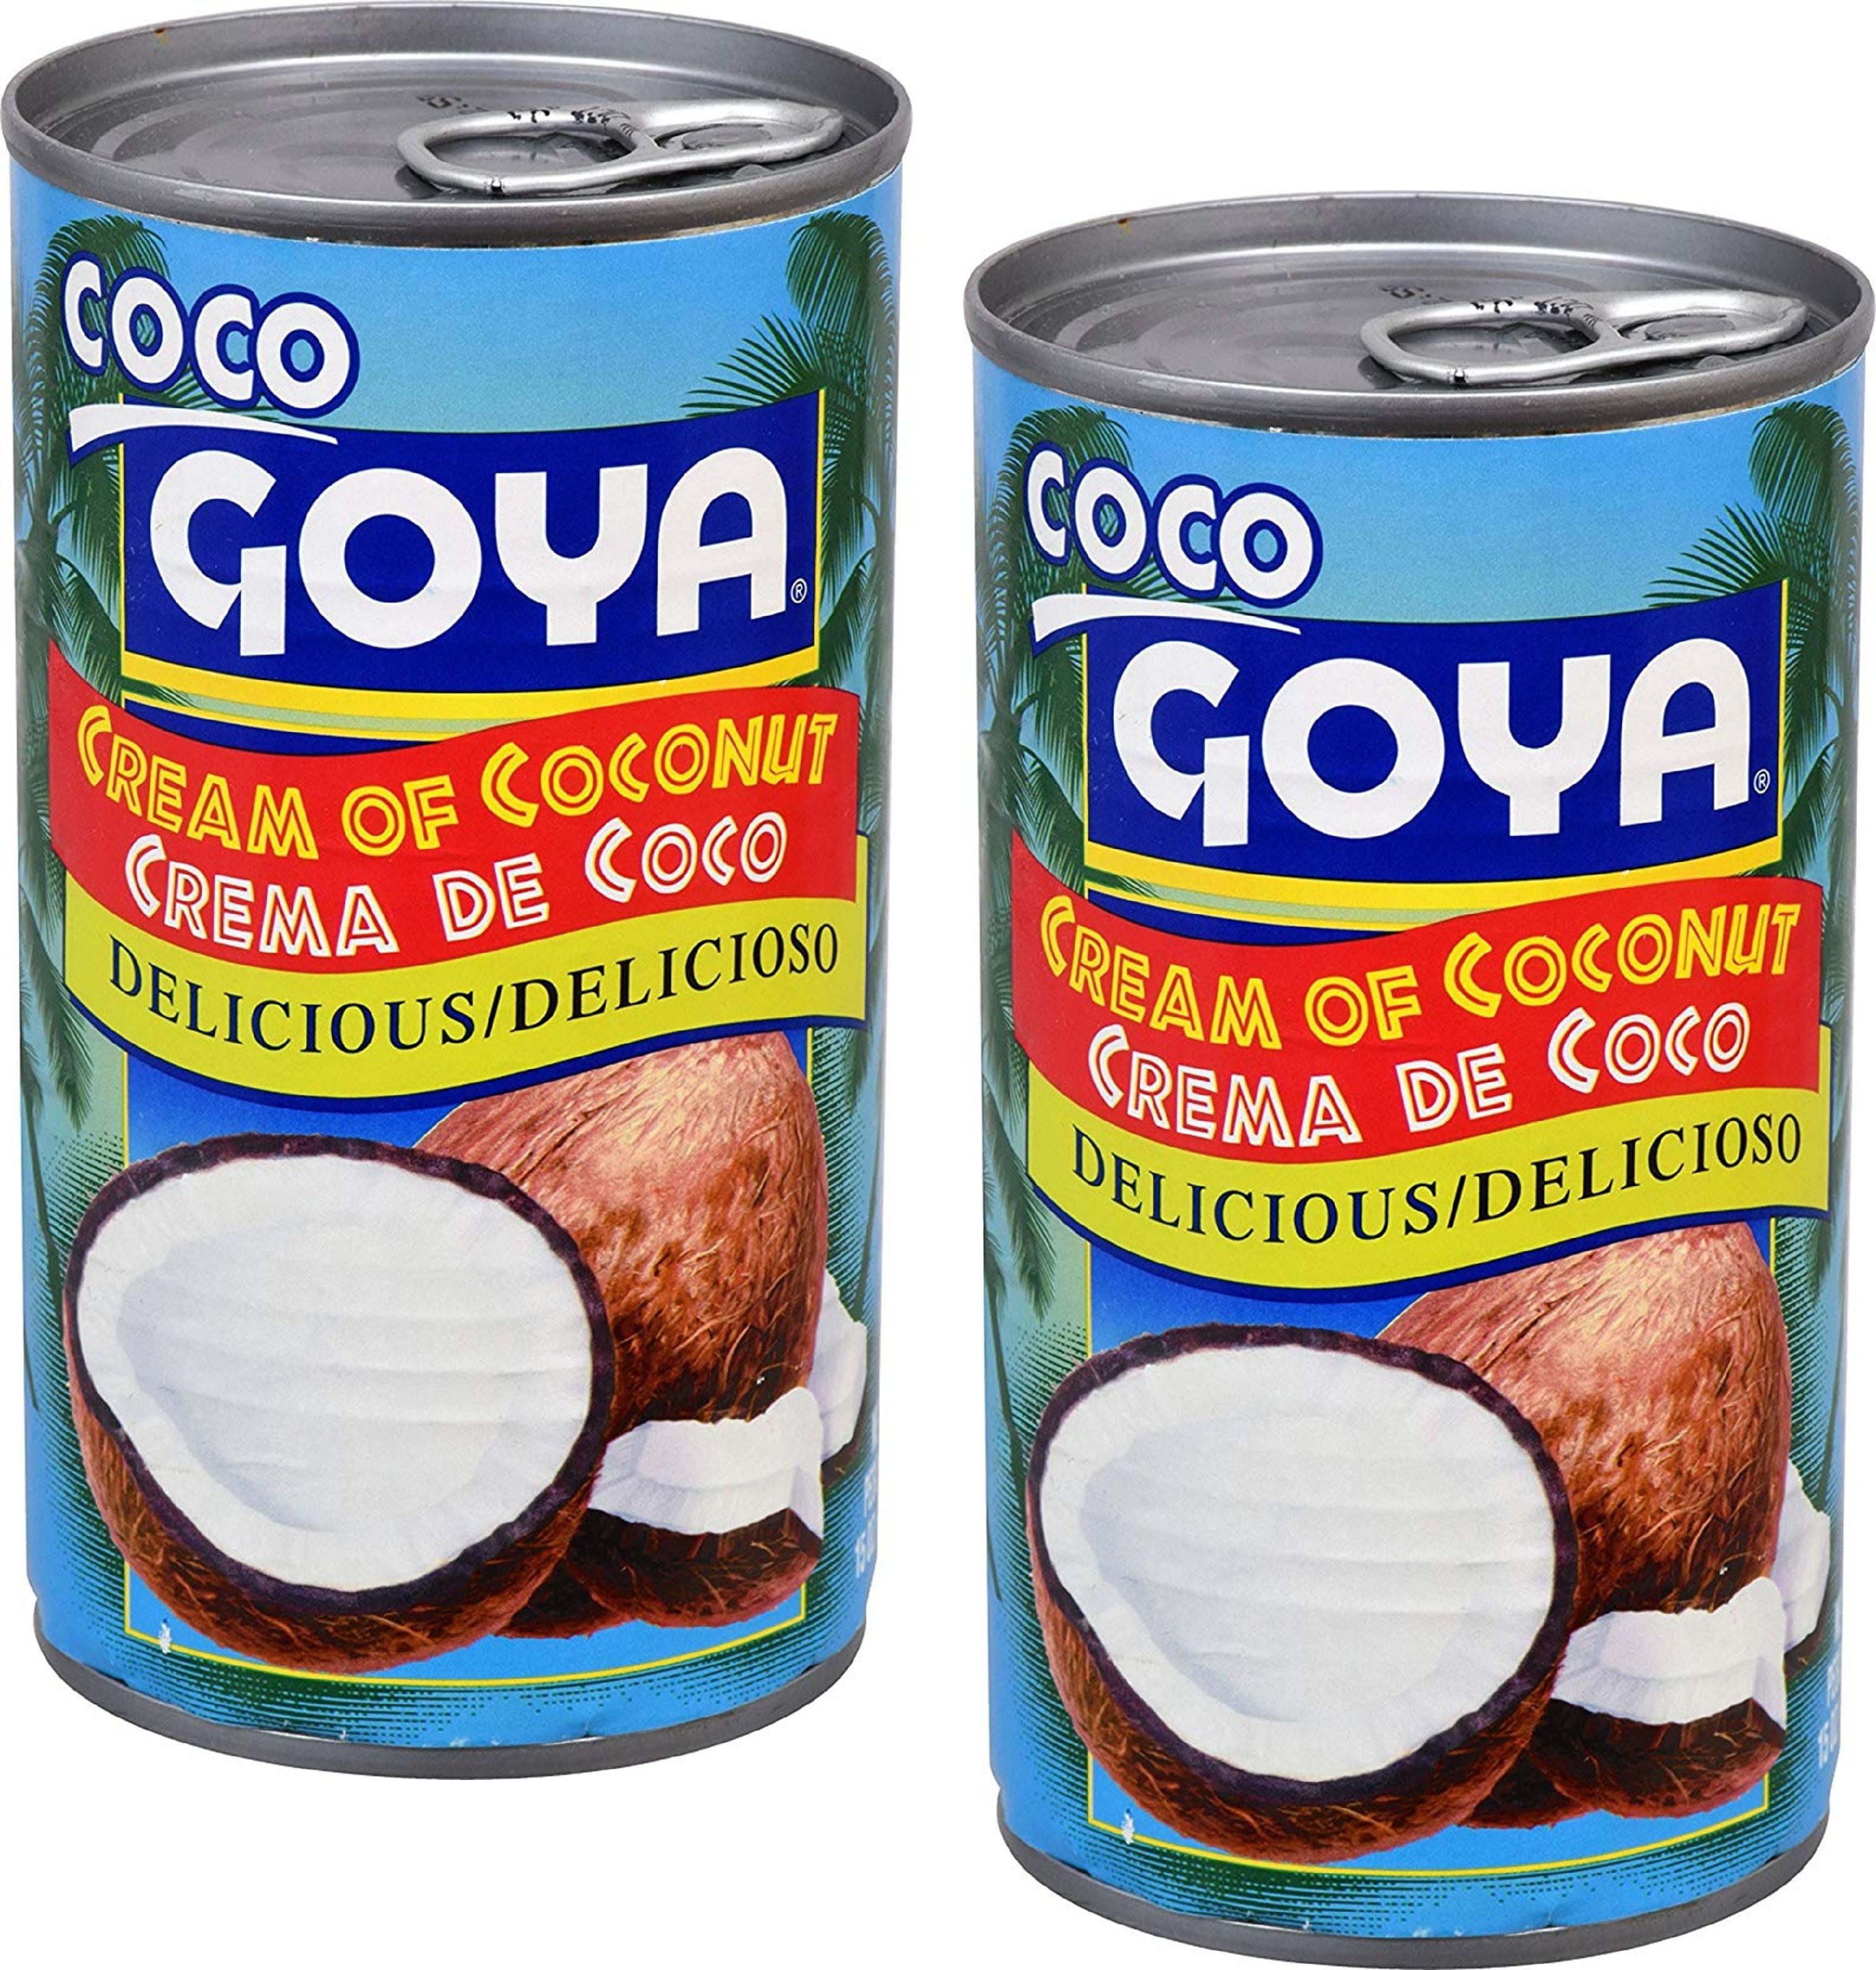 crema de coco goya